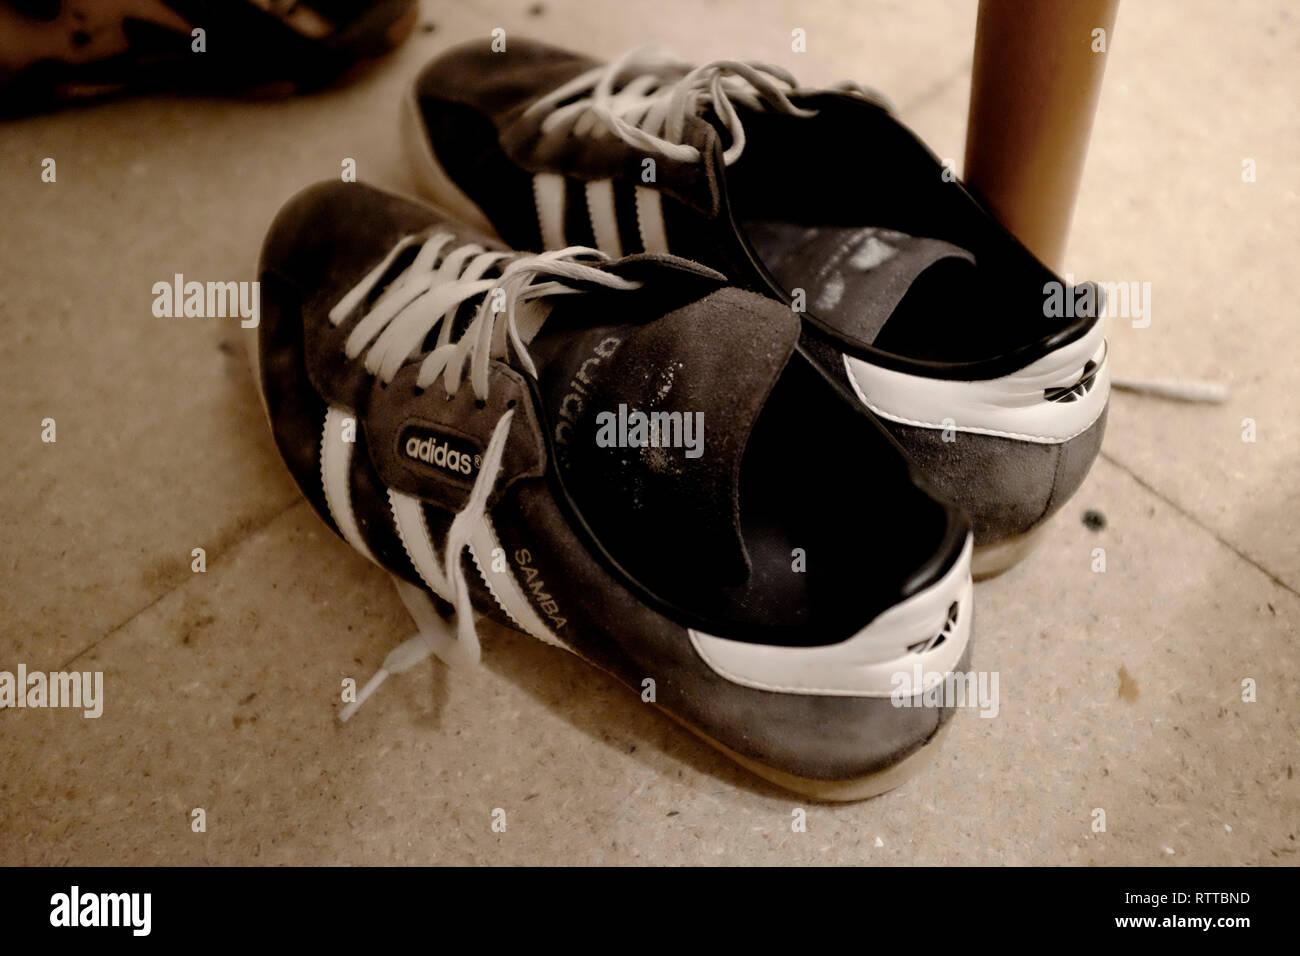 Adidas Blue Shoes Stockfotos & Adidas Blue Shoes Bilder Alamy